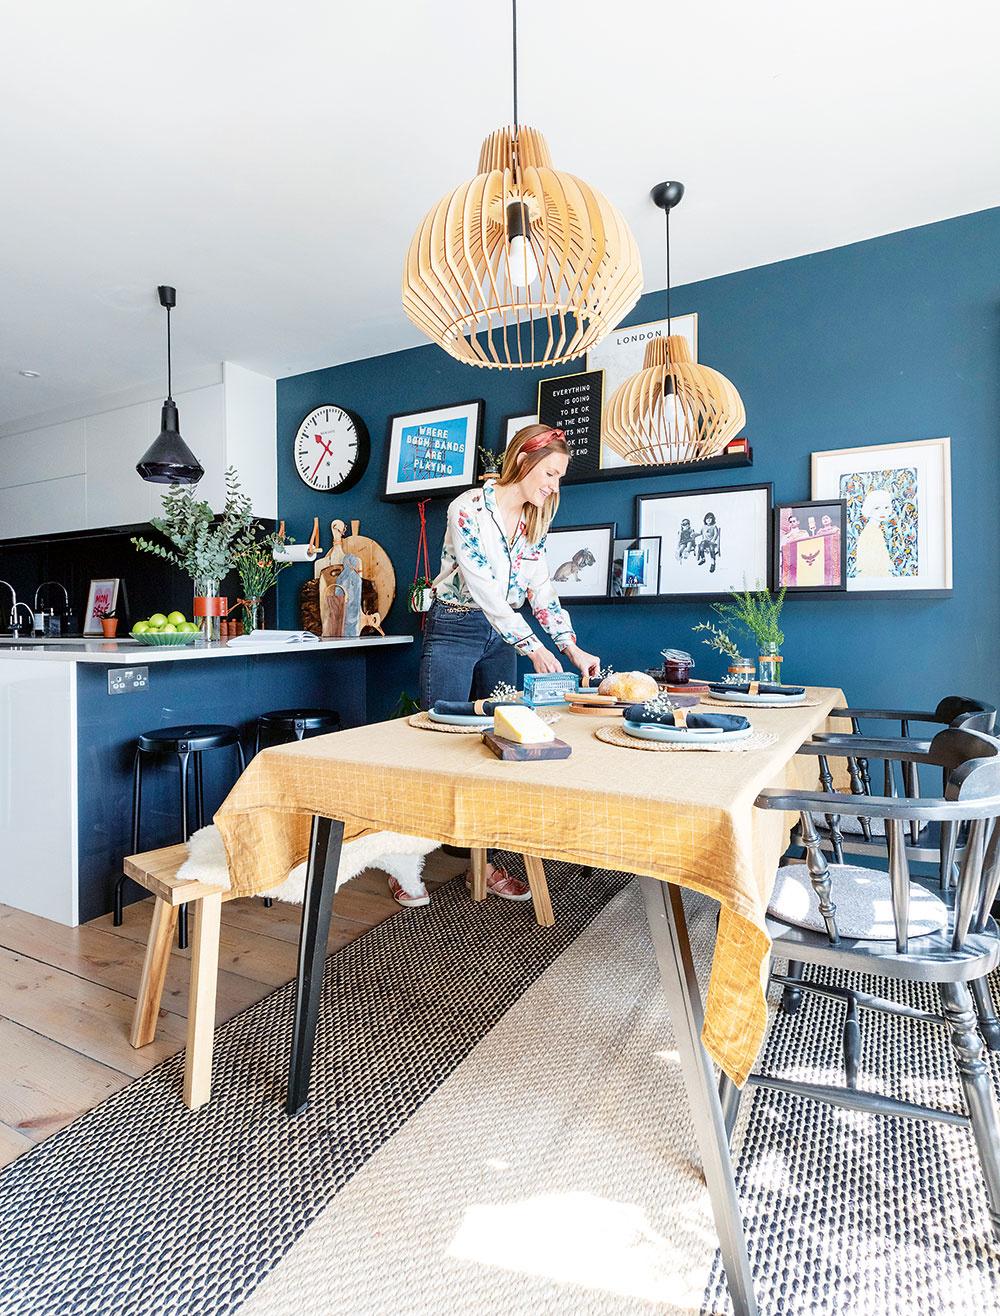 Ideálny priestor na rodinné večere aj víkendové neskoré raňajky. Kuchyňa spojená sjedálňou je svetlá avzdušná, zariadená nábytkom vškandinávskom štýle zladeným so svietidlami. Stoličky, ktoré pár premaľoval na čierno, sú úlovkom zbazára.